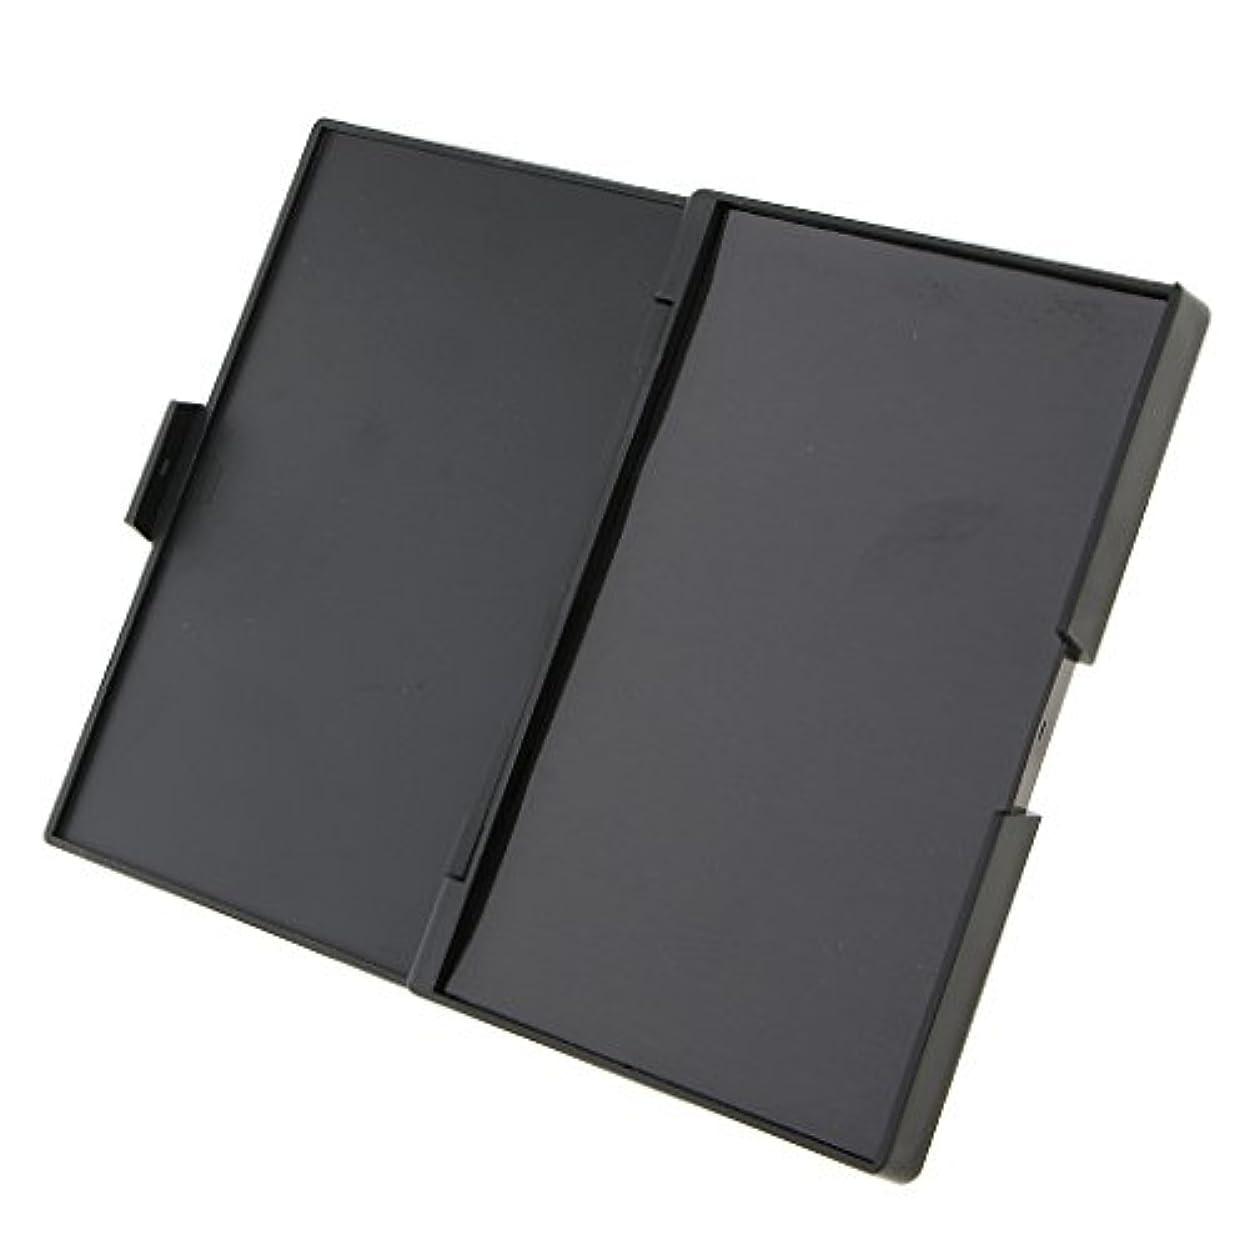 系統的七時半淡い全3種類 組み合わせ DIY ボックス 磁気 アイシャドー パレット 旅行用 メイクアップ 便携 収納 - パレットボックス